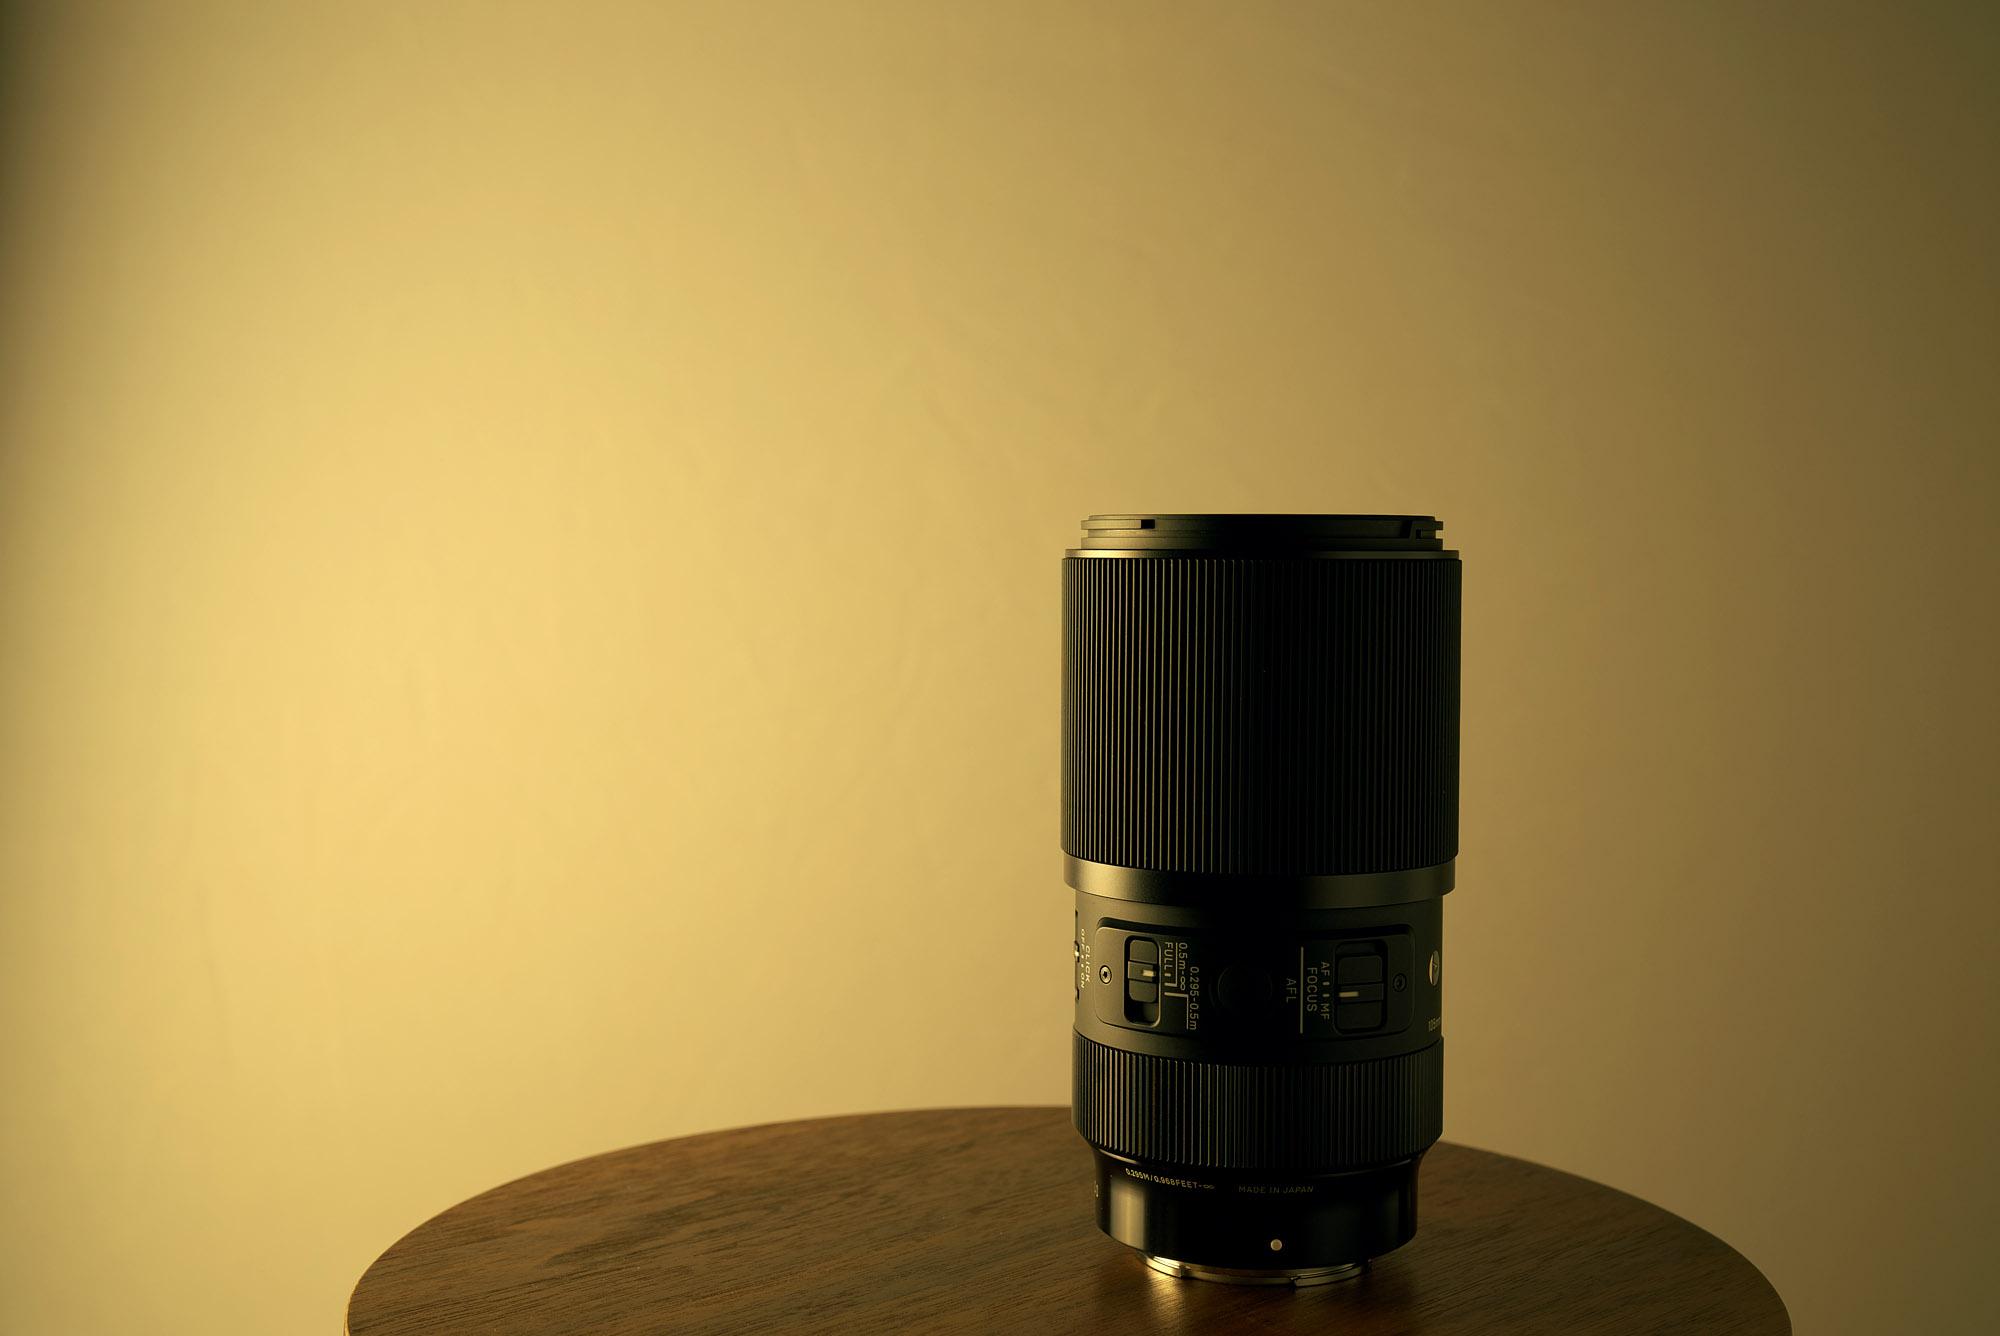 SIGMA 105mm F2.8 DG DN MACRO レビュー